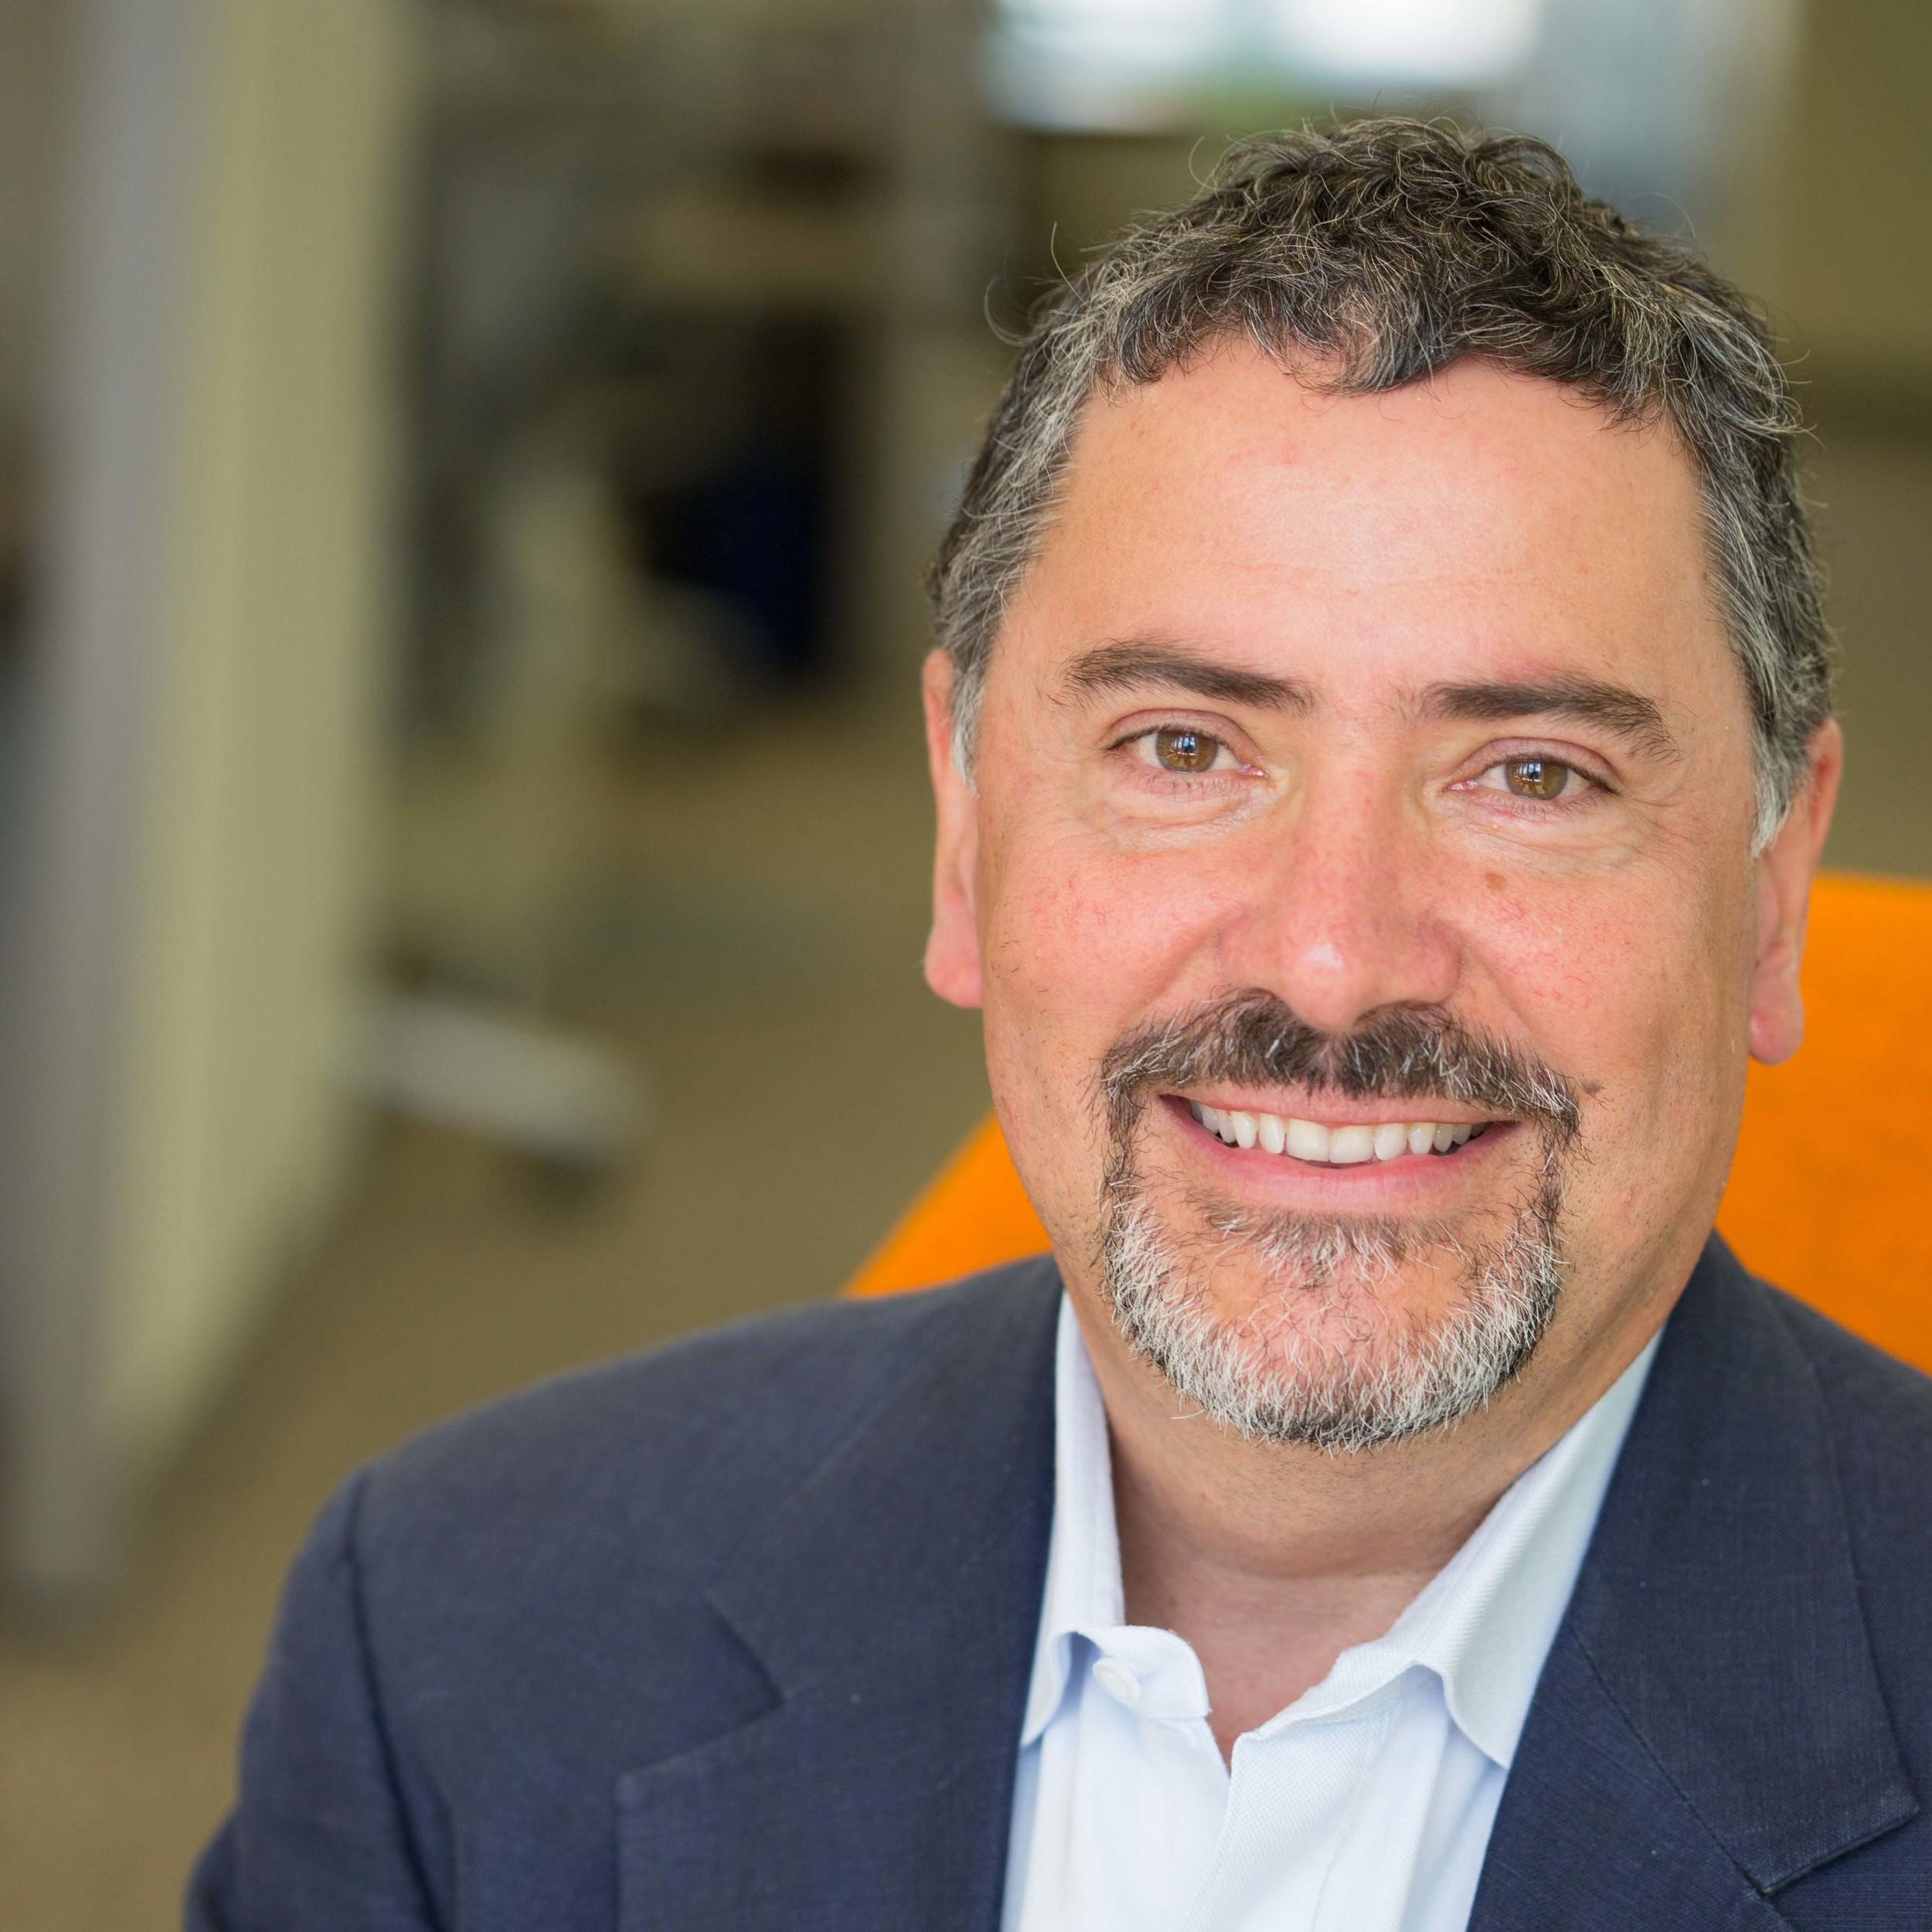 """<a href=""""https://www.linkedin.com/in/joseestabil """"target=""""_blank"""">Jose Estabil</a><strong></strong><strong>MIT Skoltech Initiative</strong>"""